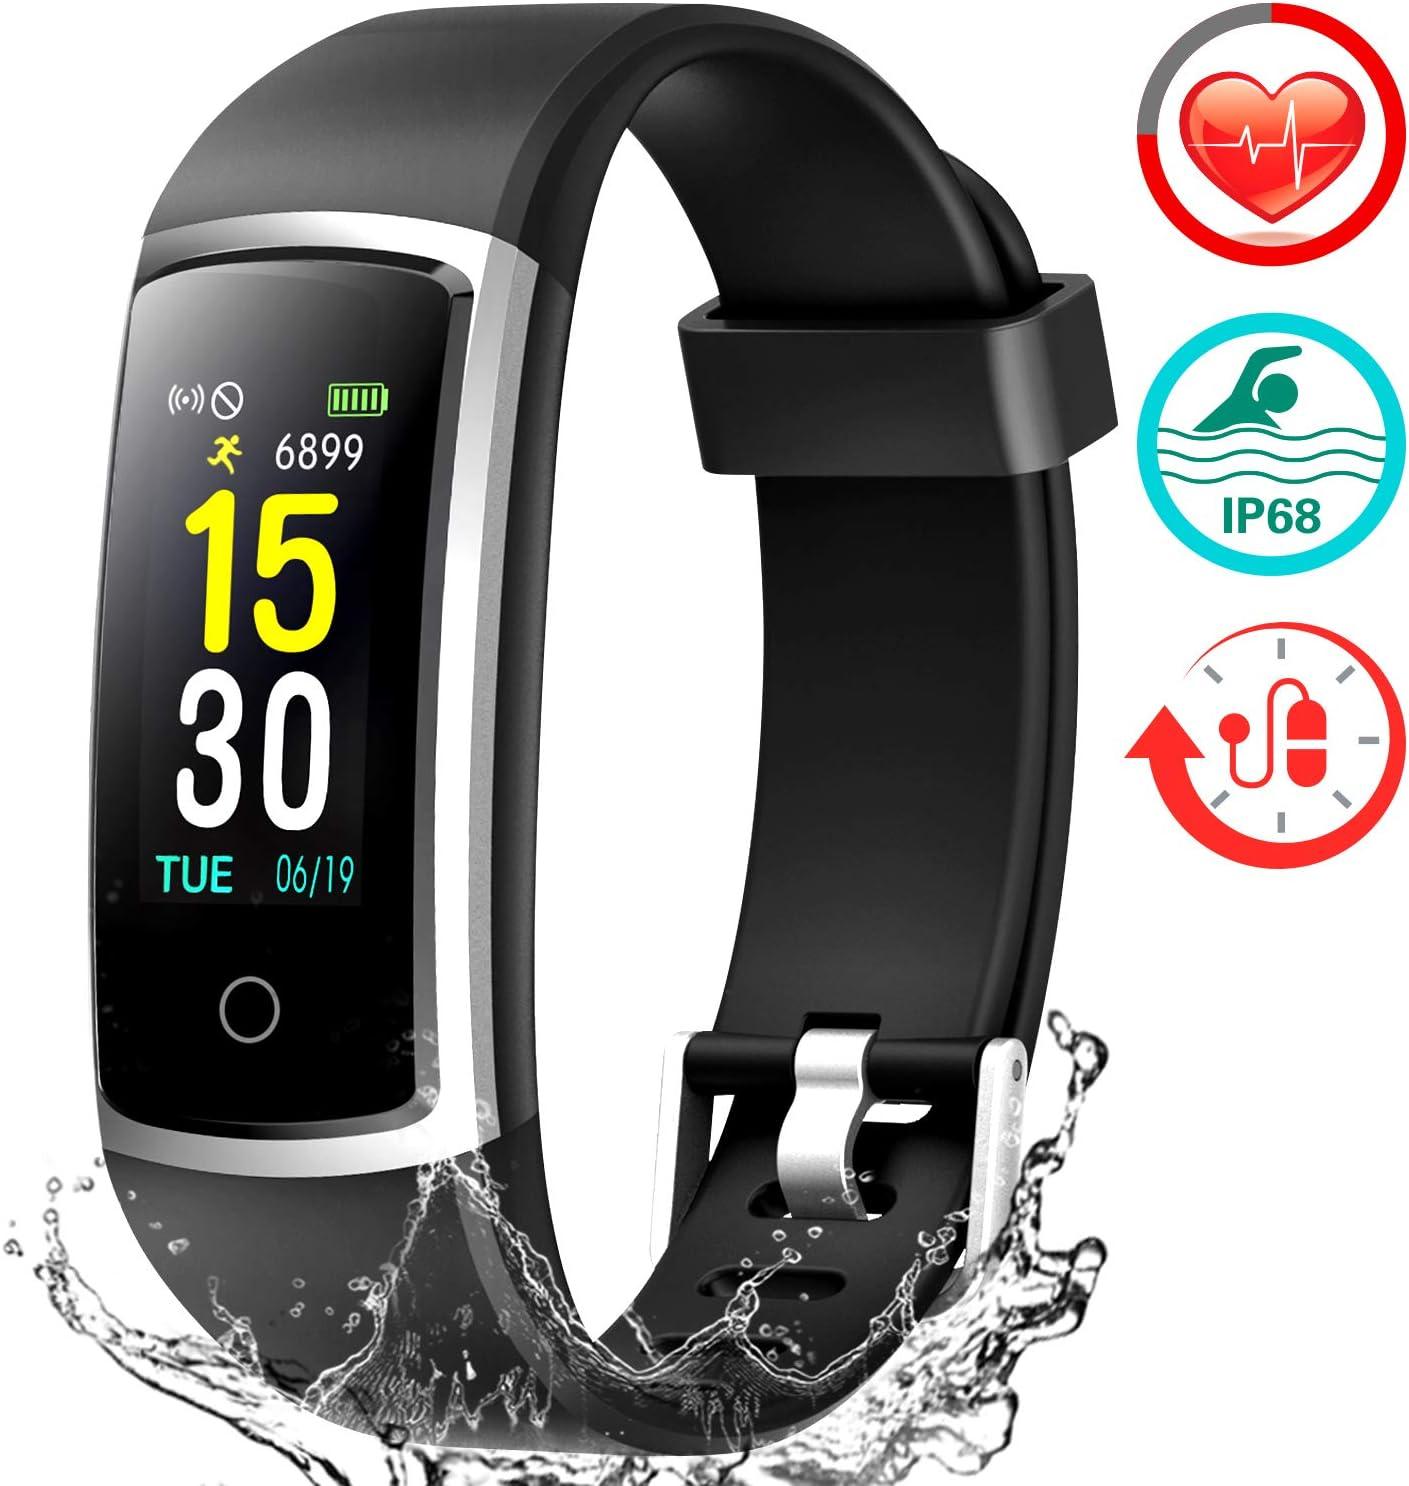 FITFORT Pulsera de Actividad Reloj Inteligente para Hombre y Mujer, IP68 Impermeable Reloj Deportivo con Rtmo Cardíaco, Presión Sanguínea, Sueño Monitor, Contador y Calorías para Android y iOS